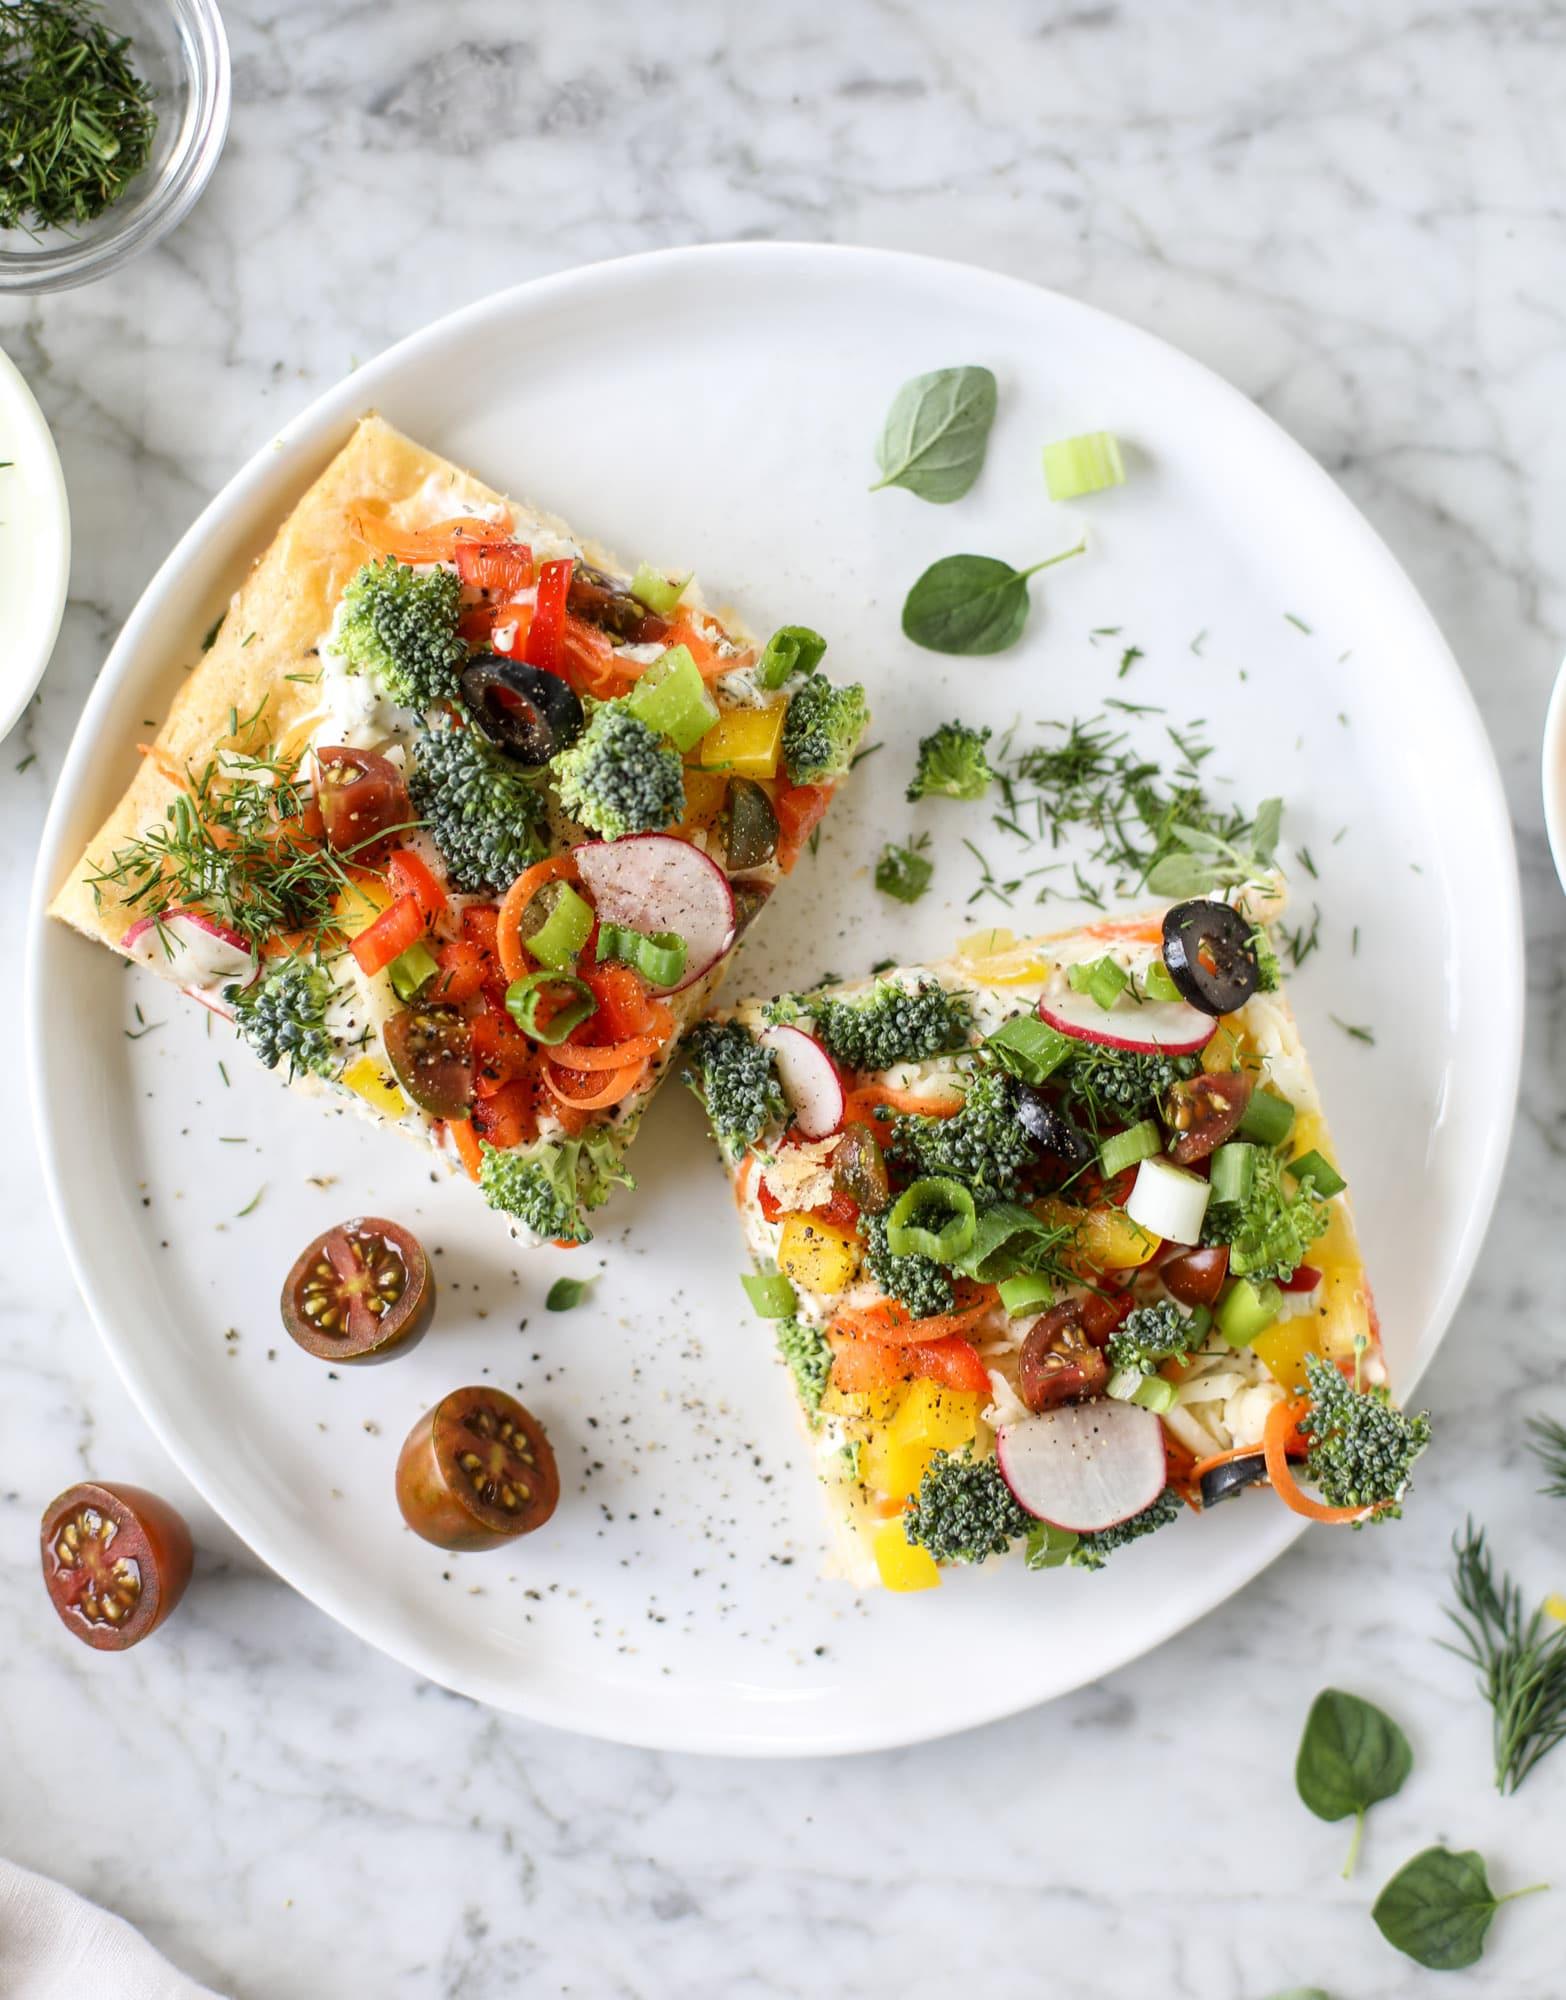 Ăn uống lành mạnh hơn và giảm lượng muối tiêu thụ trong thực đơn